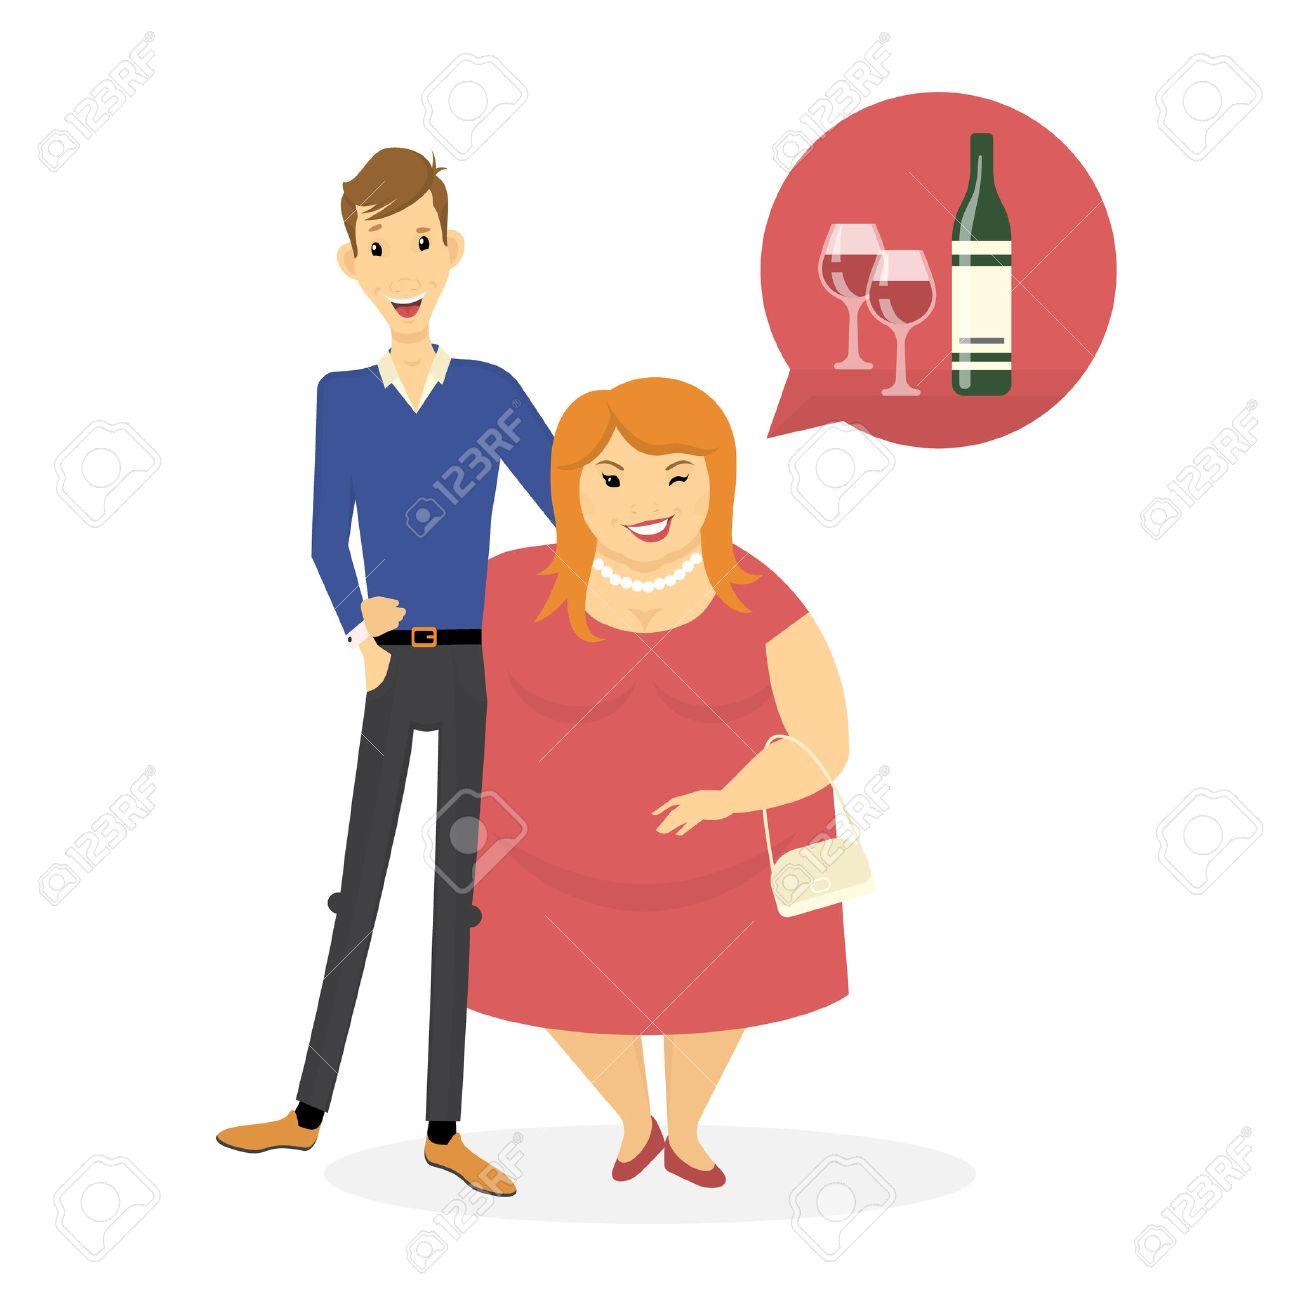 Gute Tagelöhlen für Internet-Dating